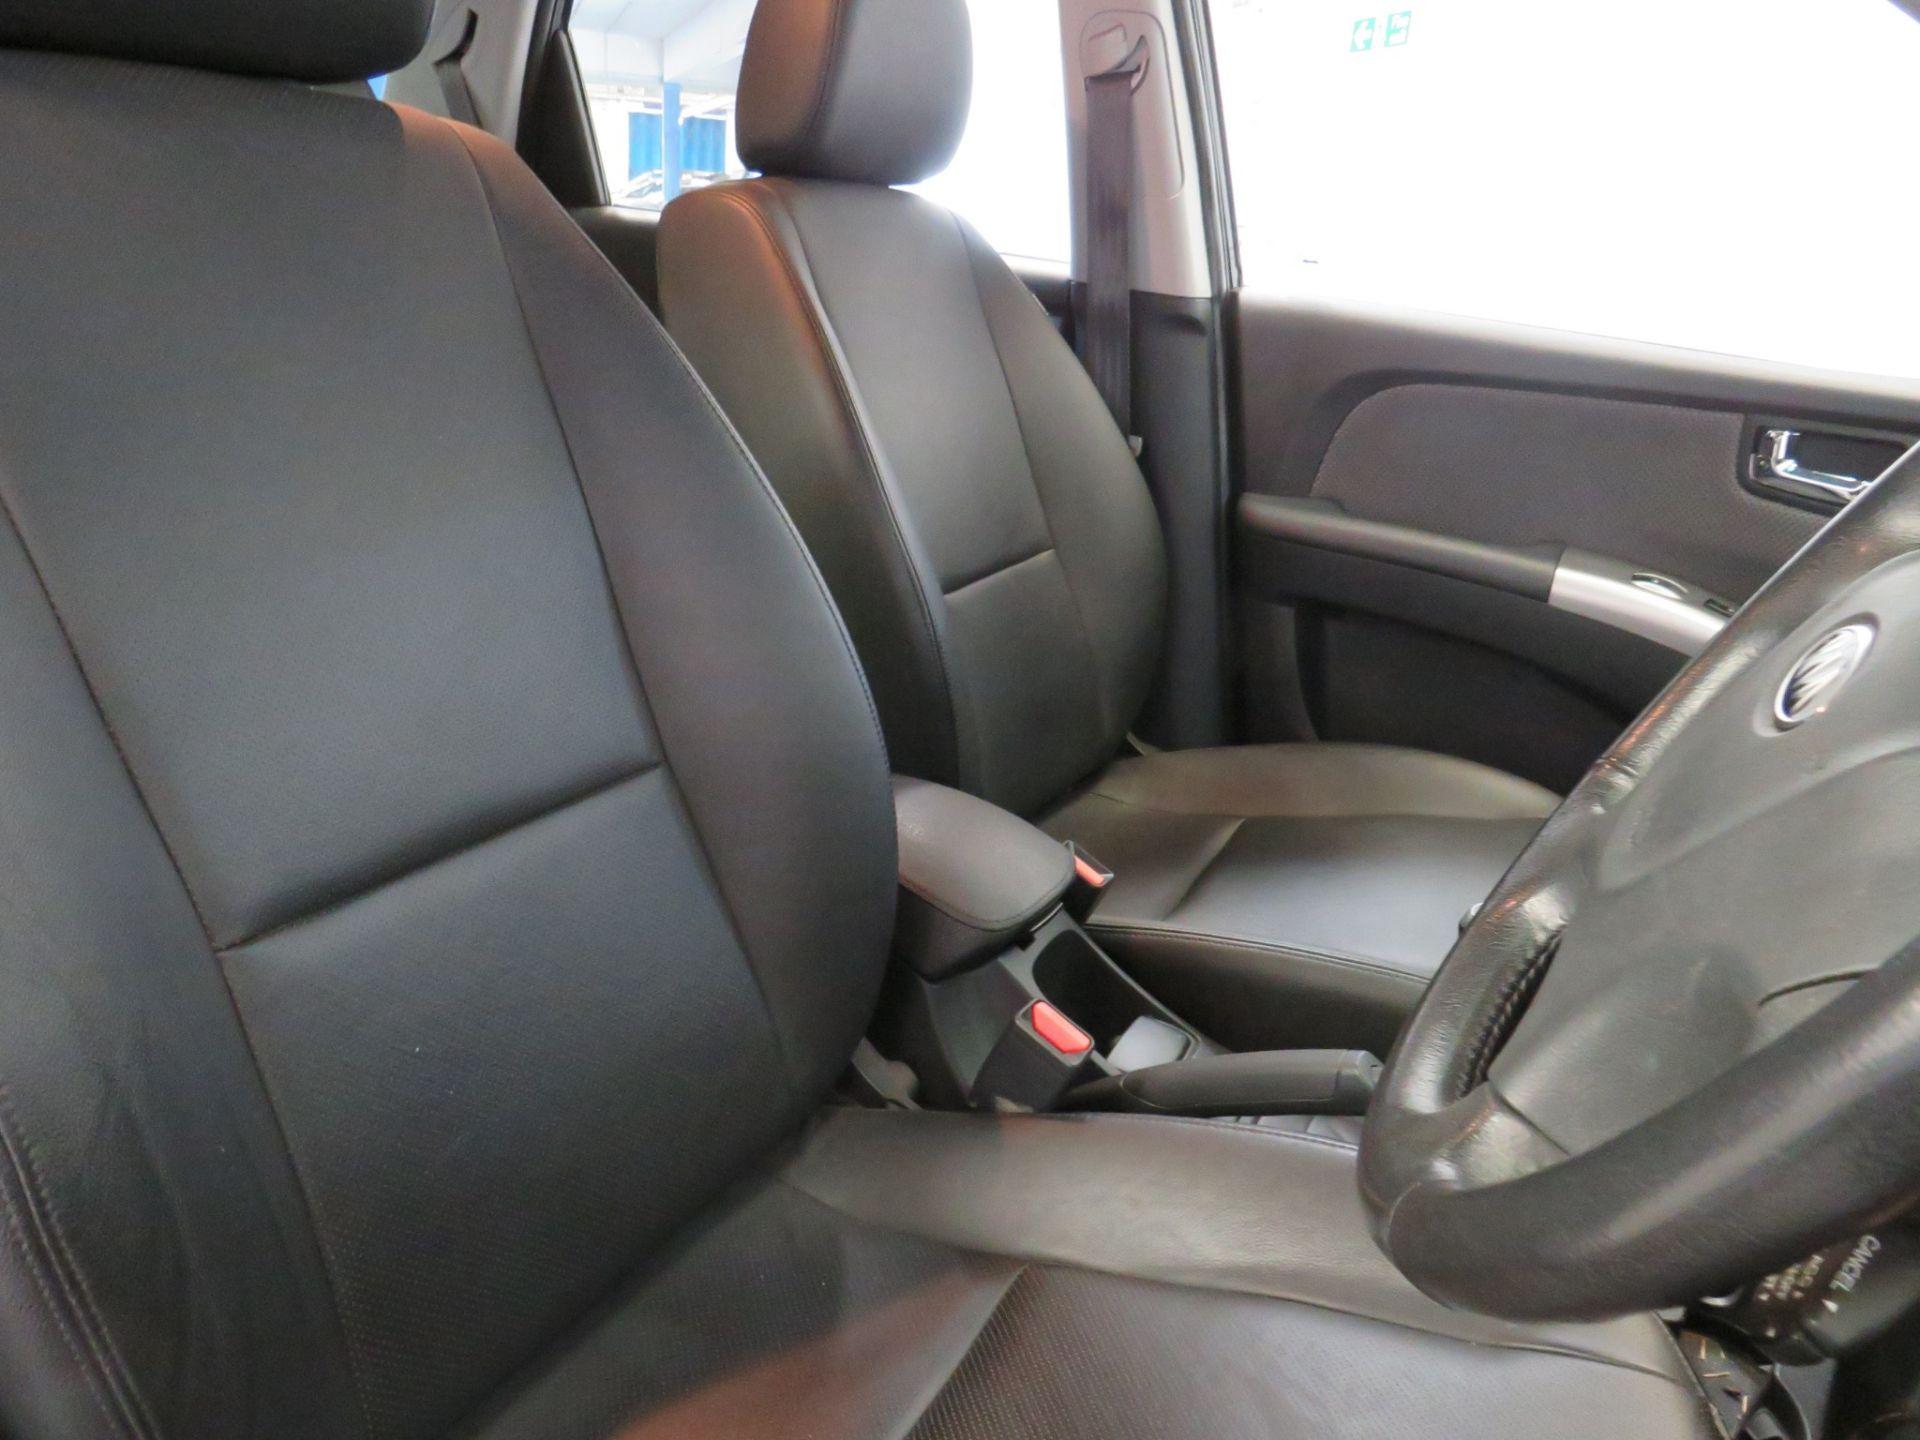 Lot 7 - 2010 Kia Sportage XS CRDI 2WD - 1991cc